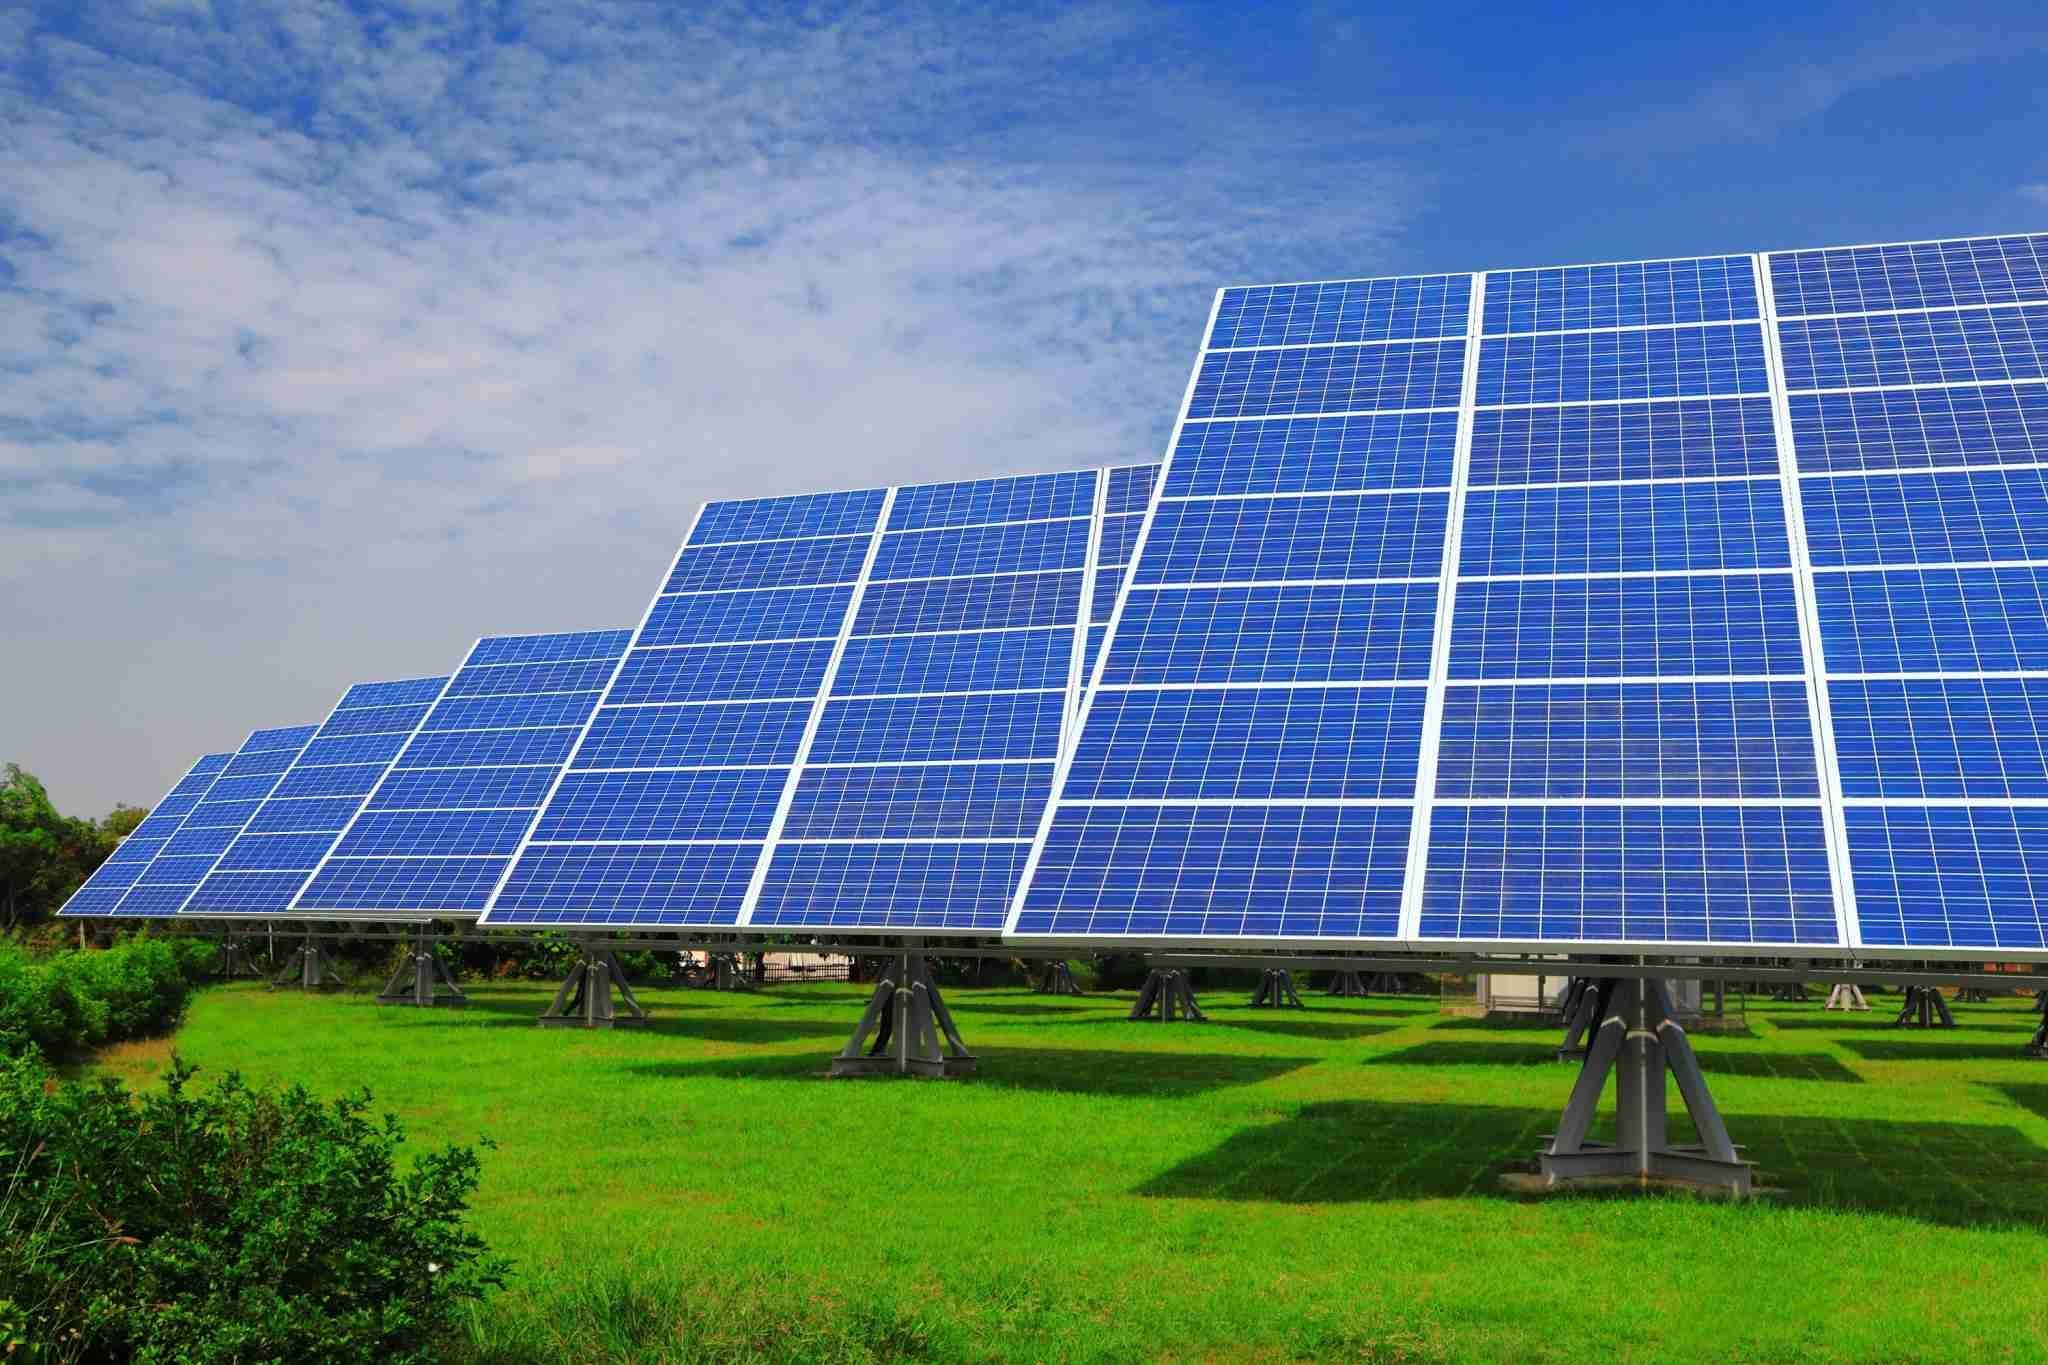 Азиатский банк развития выделит $30,5 млн на солнечную станцию в РК- Kapital.kz